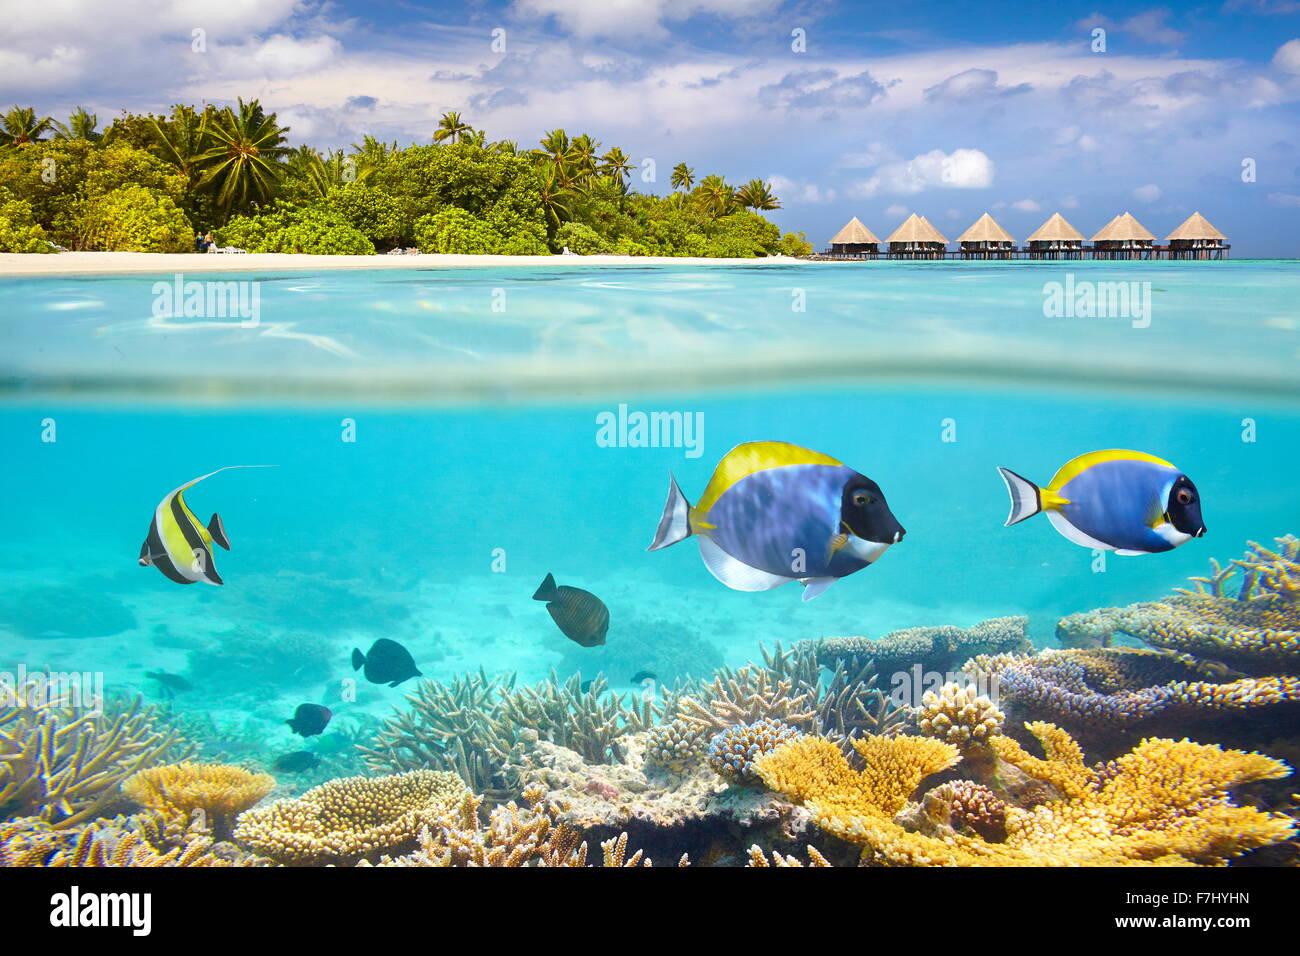 Las Maldivas - vista submarina con coral y peces Foto de stock